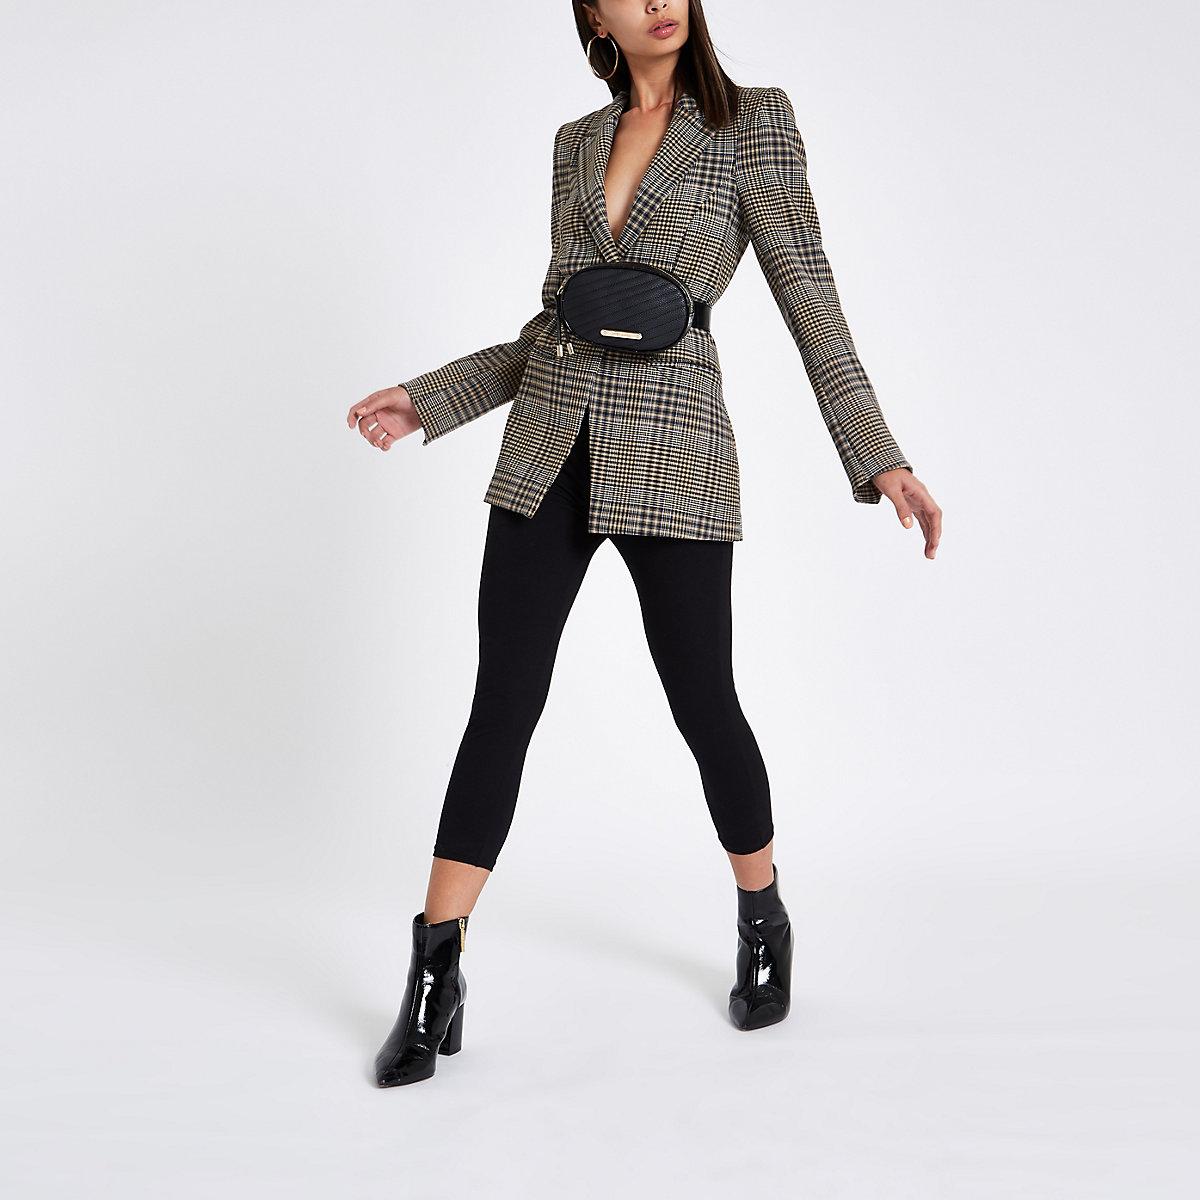 Black capri high waisted leggings